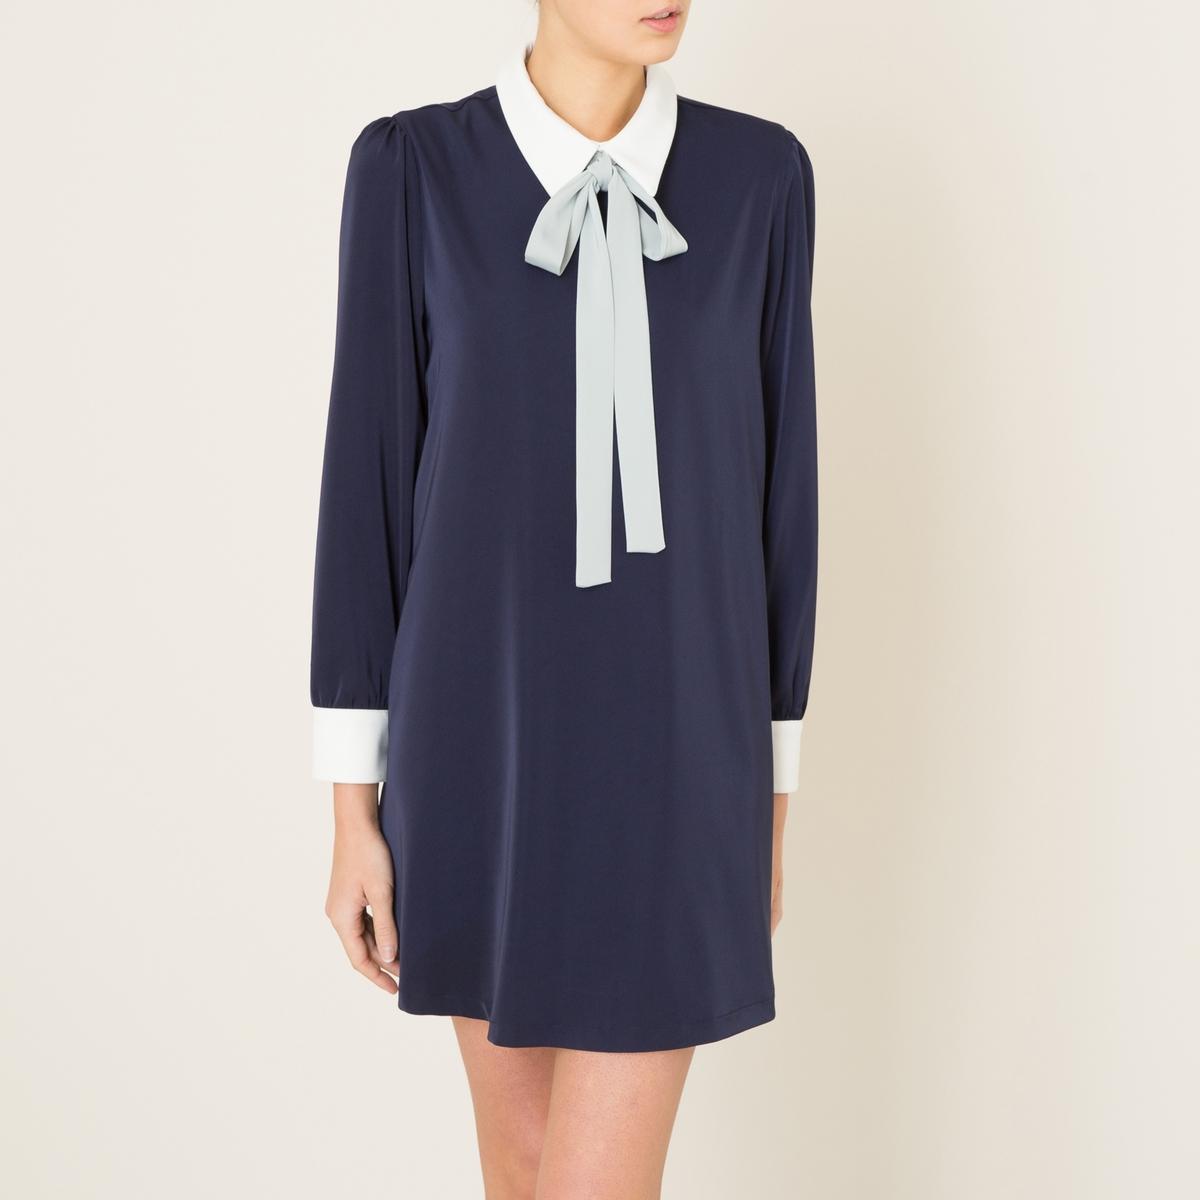 Платье с галстуком-бантомСостав и описание    Материал : 95% полиэстера, 5% эластана   Подкладка 95% полиэстера, 5% эластана   Длина : 83 см для размера 36   Марка : SISTER JANE<br><br>Цвет: темно-синий<br>Размер: M